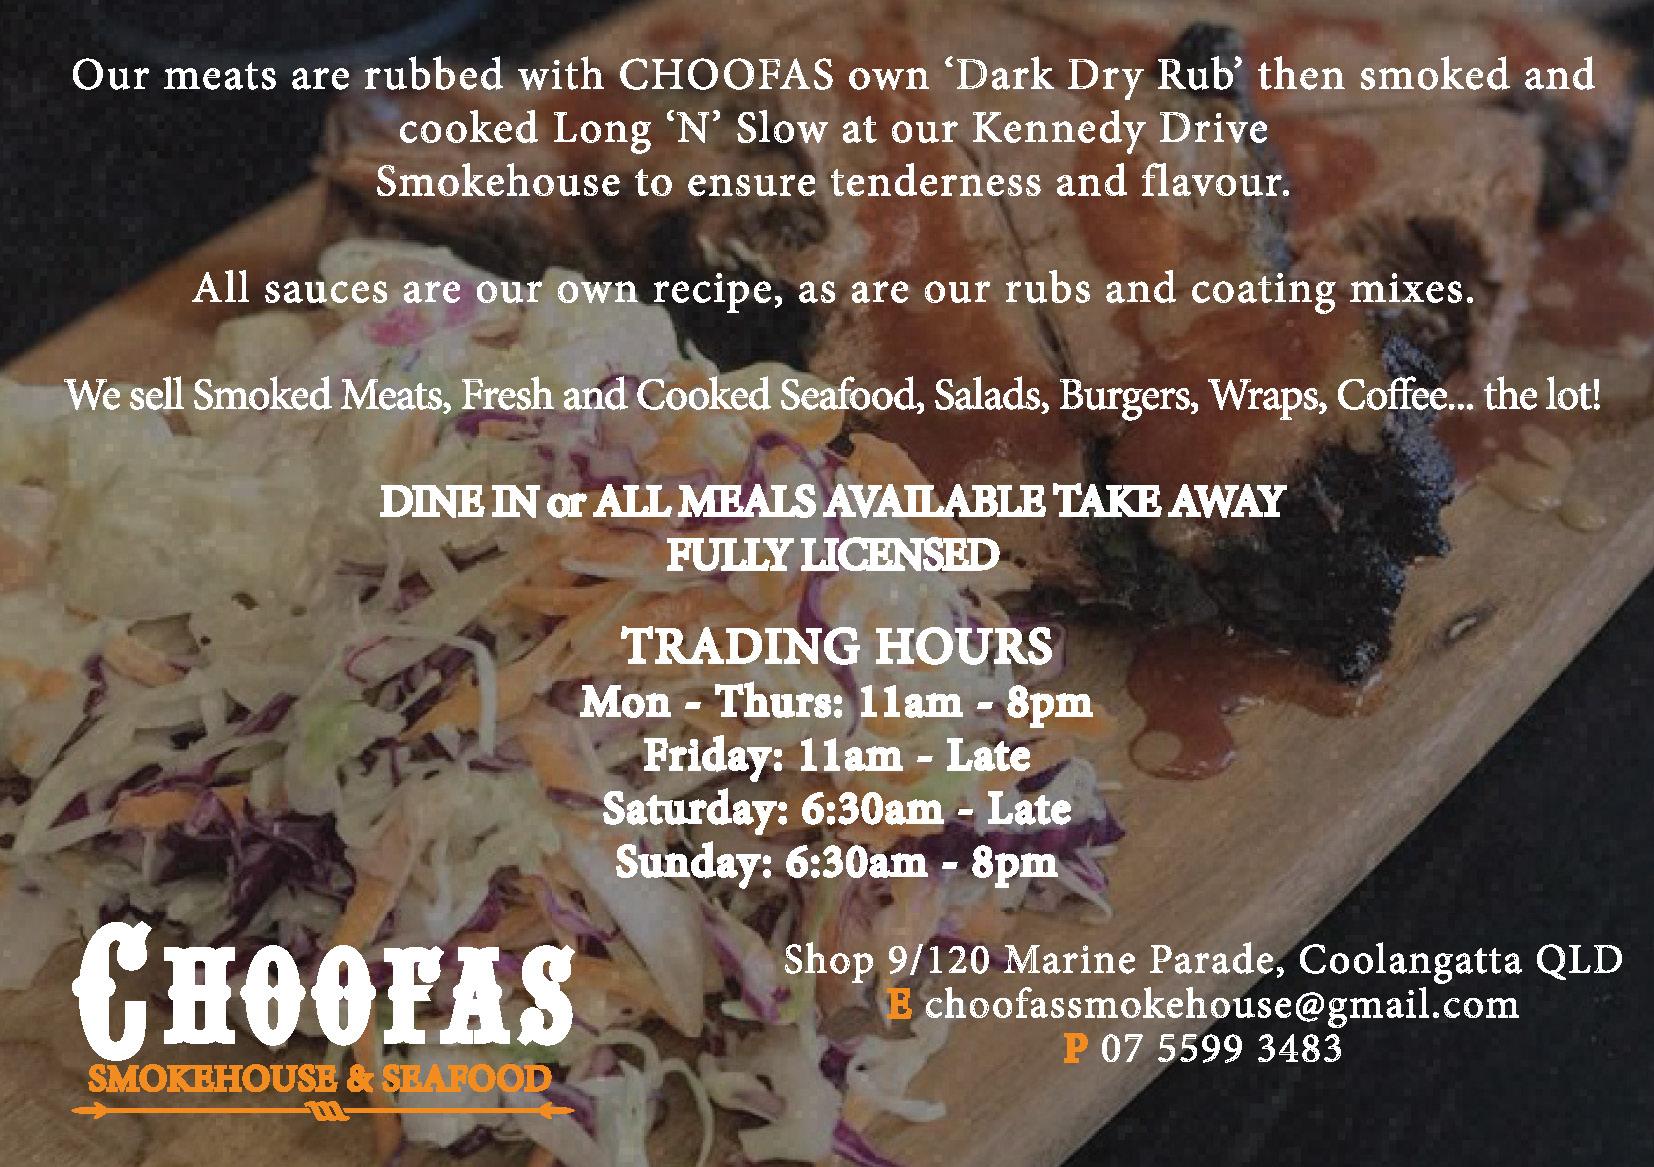 Choofas Smokehouse and Seafood